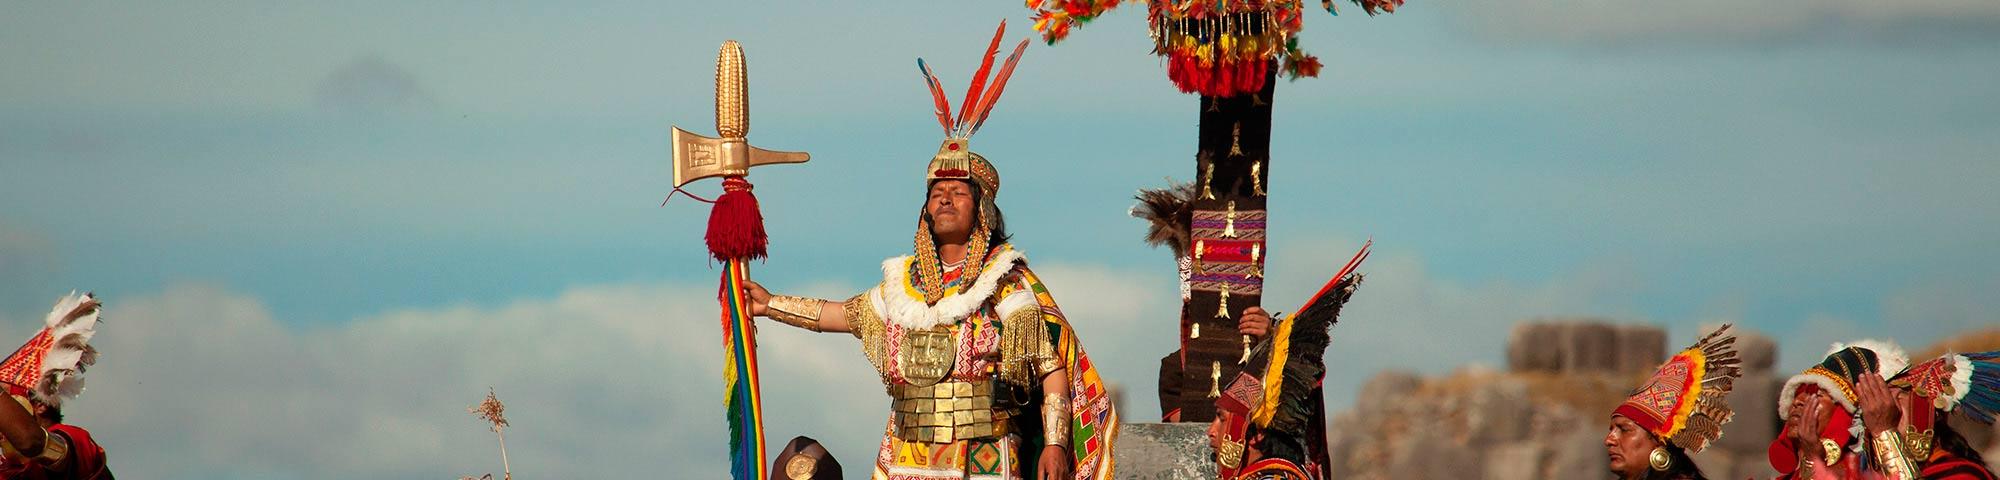 """Ministra Cornejo: """"El Inti Raymi impulsará la reactivación del turismo en el Perú"""""""